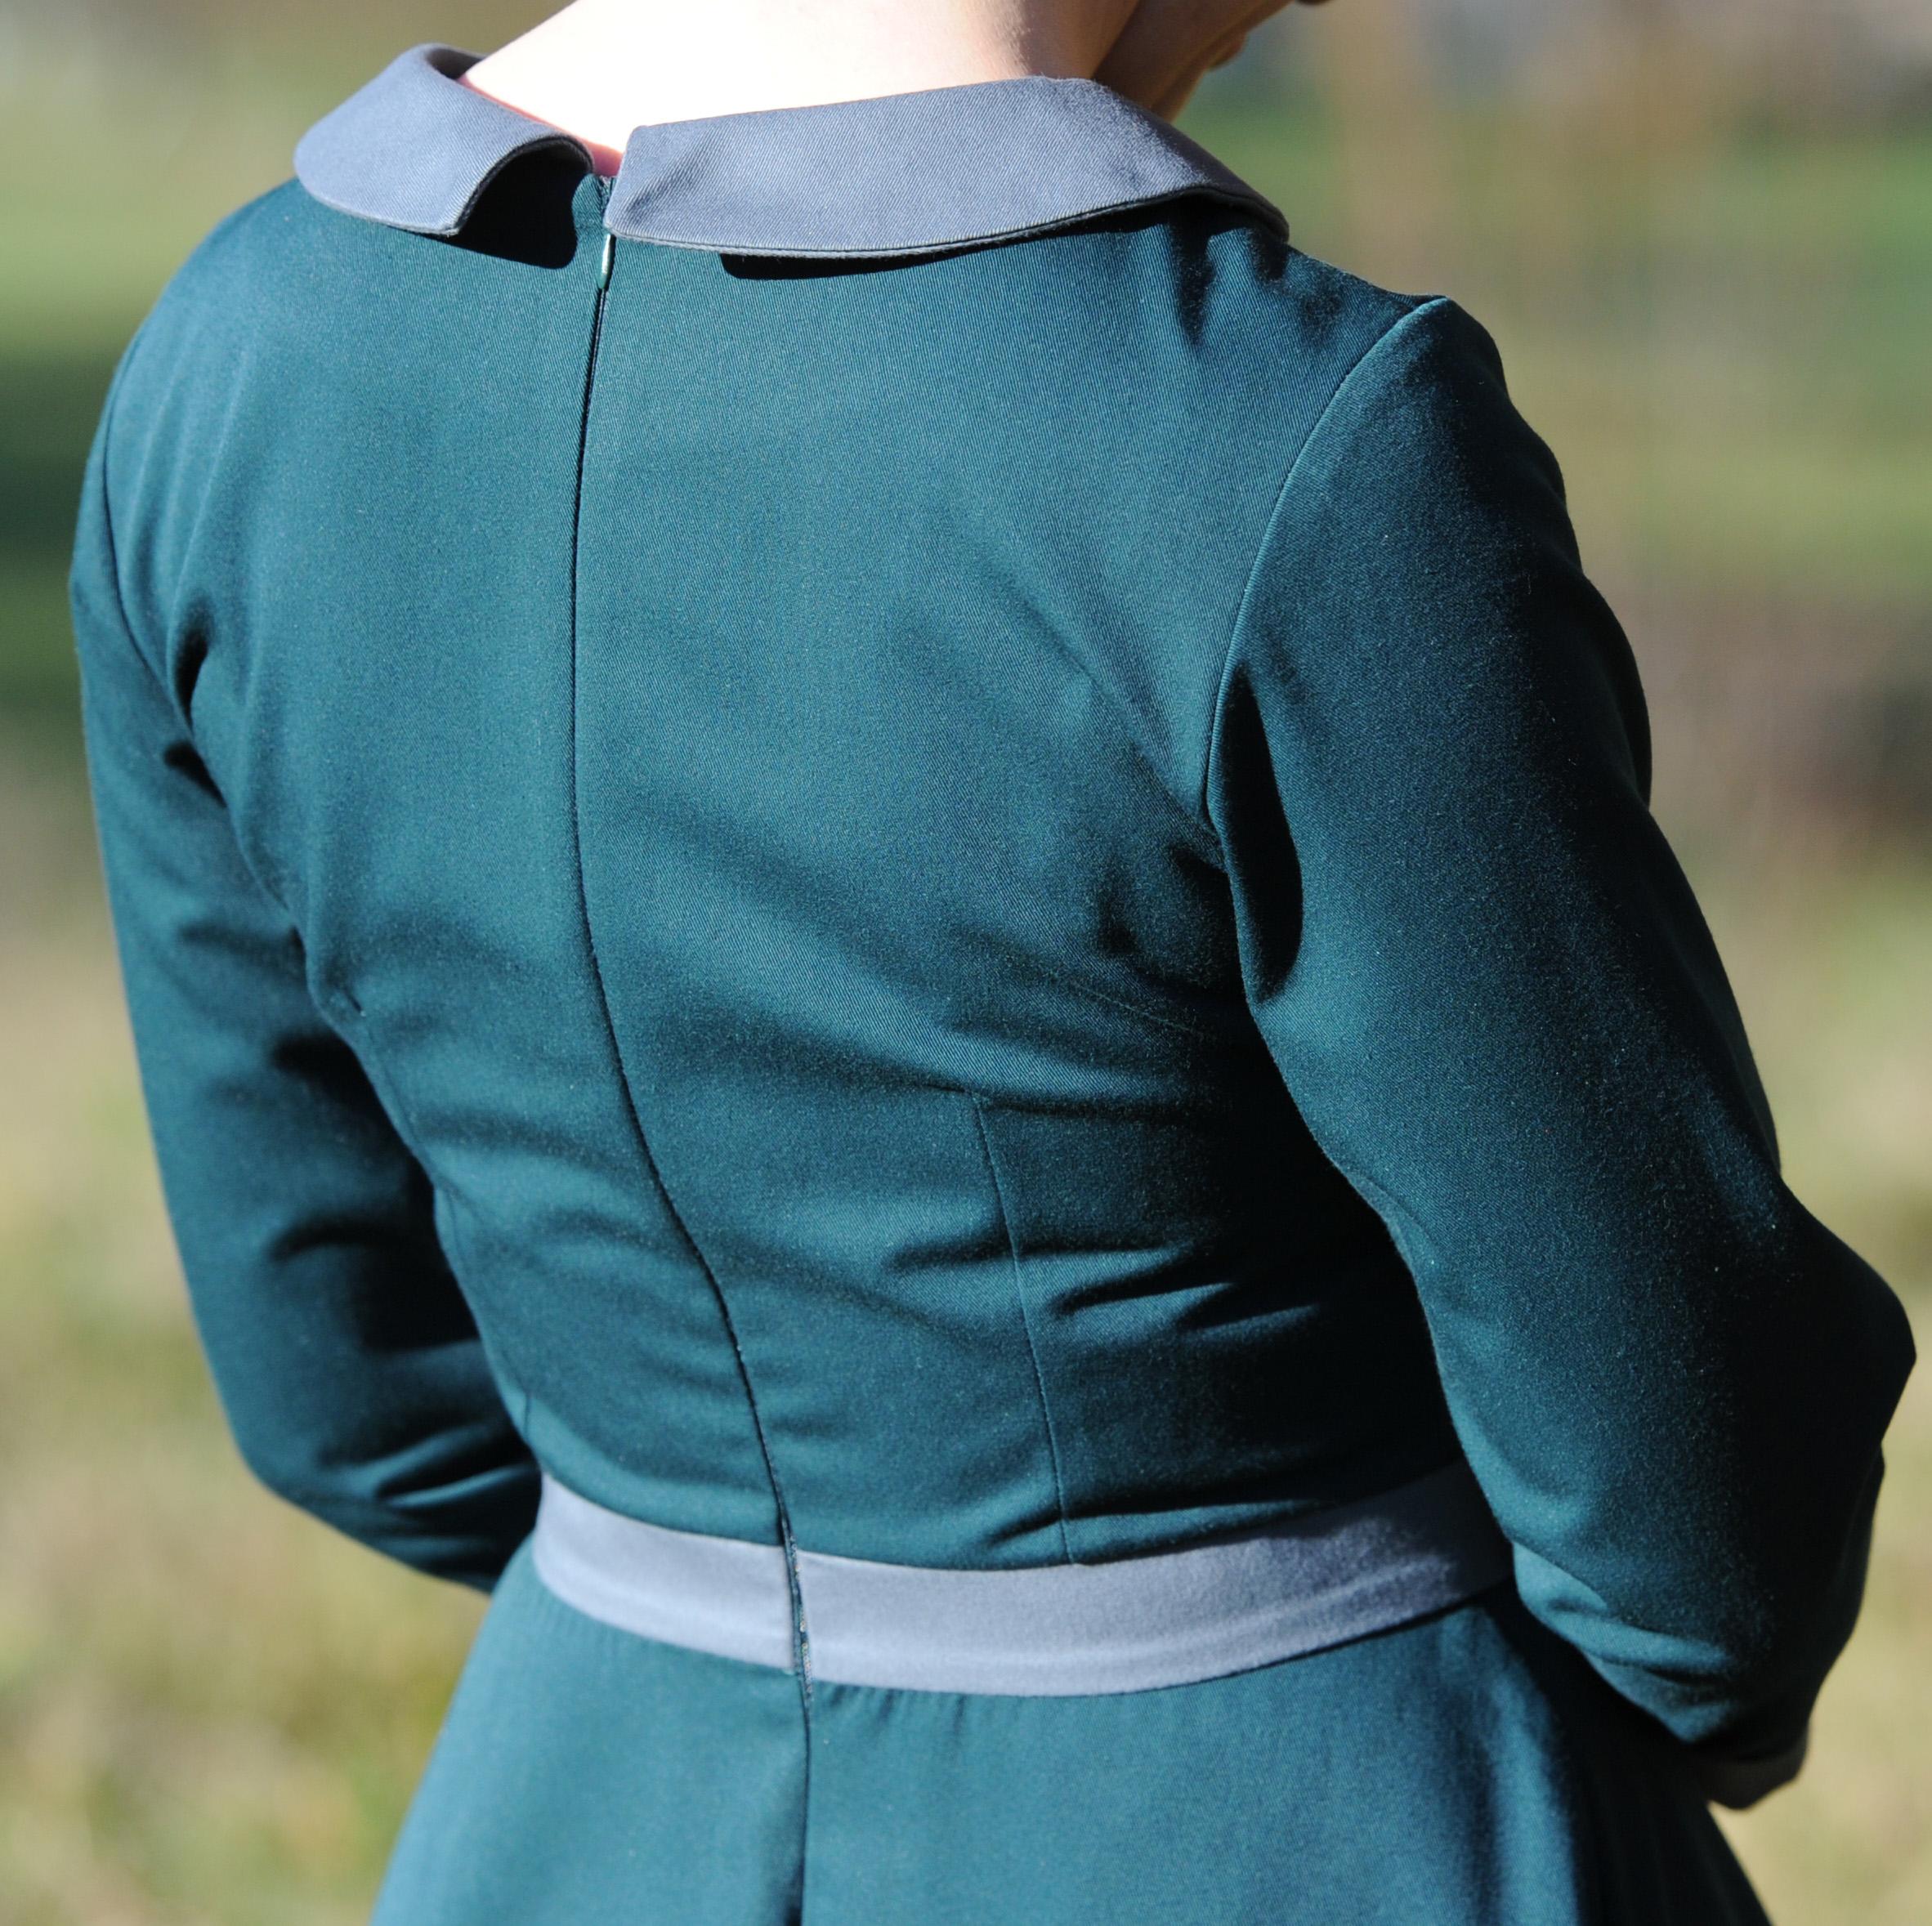 filles /écharpe de voyage /Écharpe l/ég/ère Wrap Infinity avec poche cach/ée Foulards pour femmes /Écharpes pour femmes dames